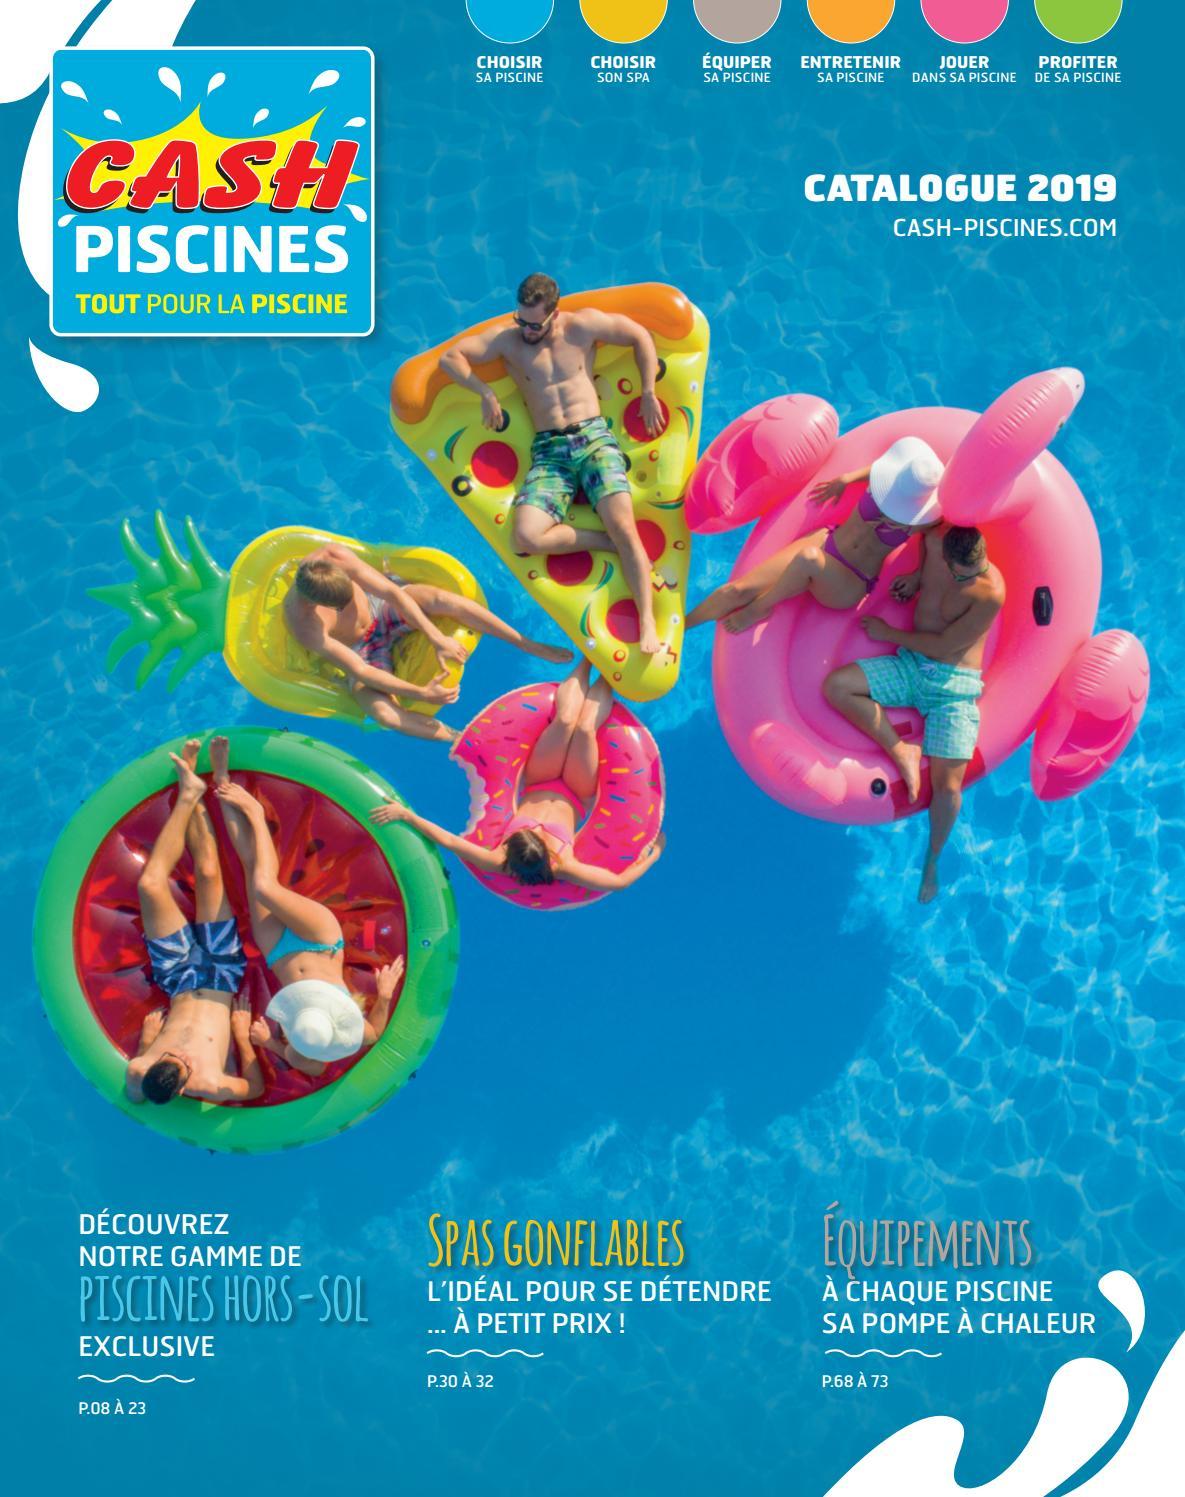 Catalogue Cash Piscines 2019 By Cashpiscines2 - Issuu encequiconcerne Cash Piscine Toulon